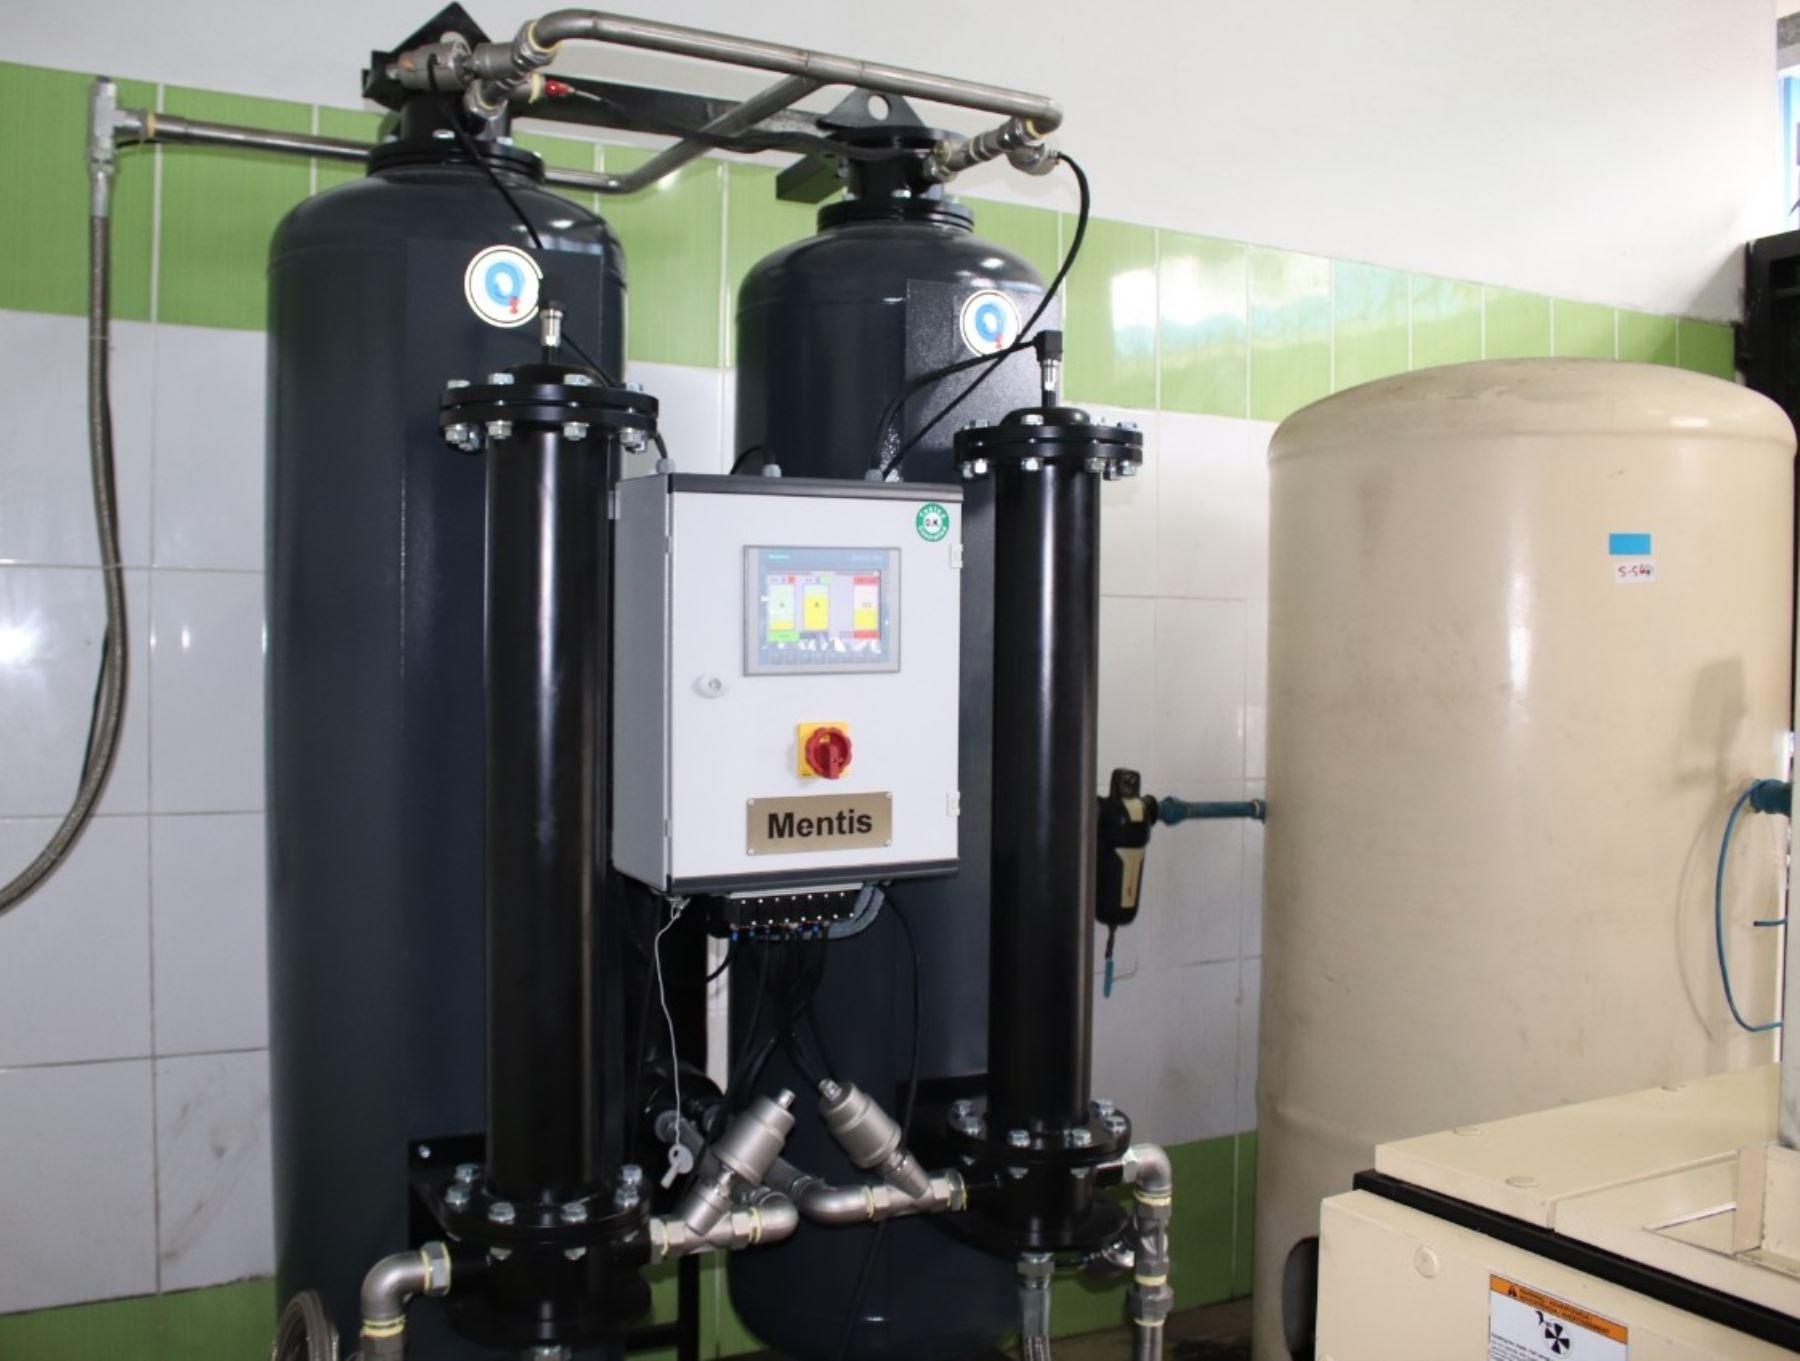 Nueva planta de oxígeno abastece a pacientes con covid-19 del hospital Carrión del Callao. Foto: Gobierno regional del Callao